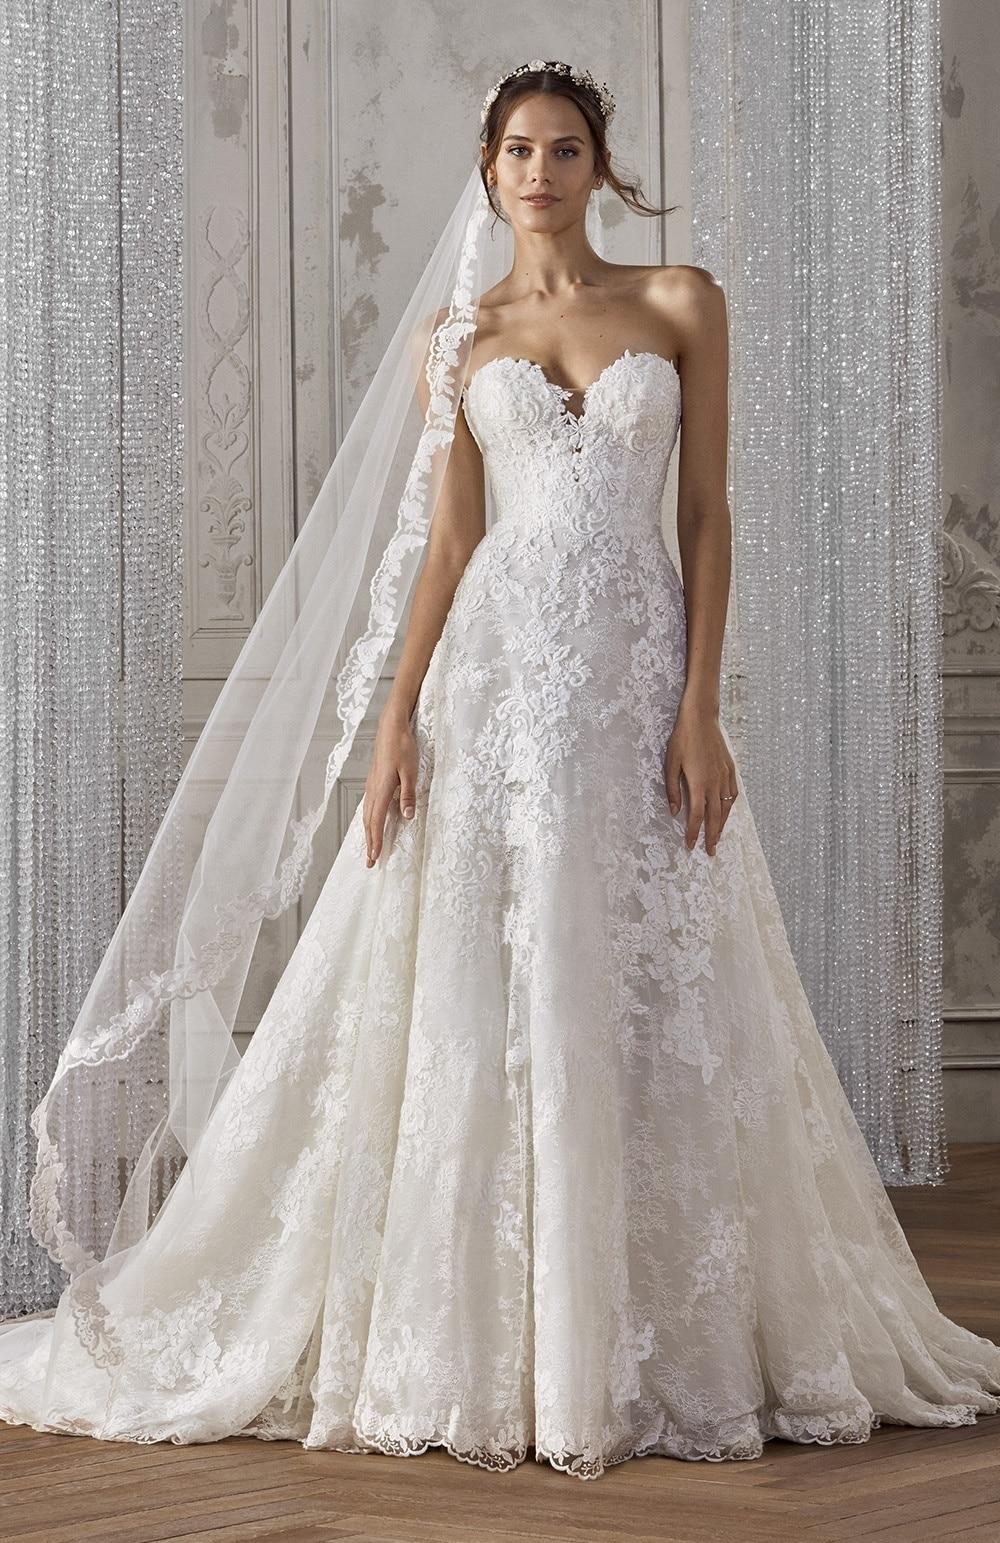 Robe de mariée Modèle Kapriel